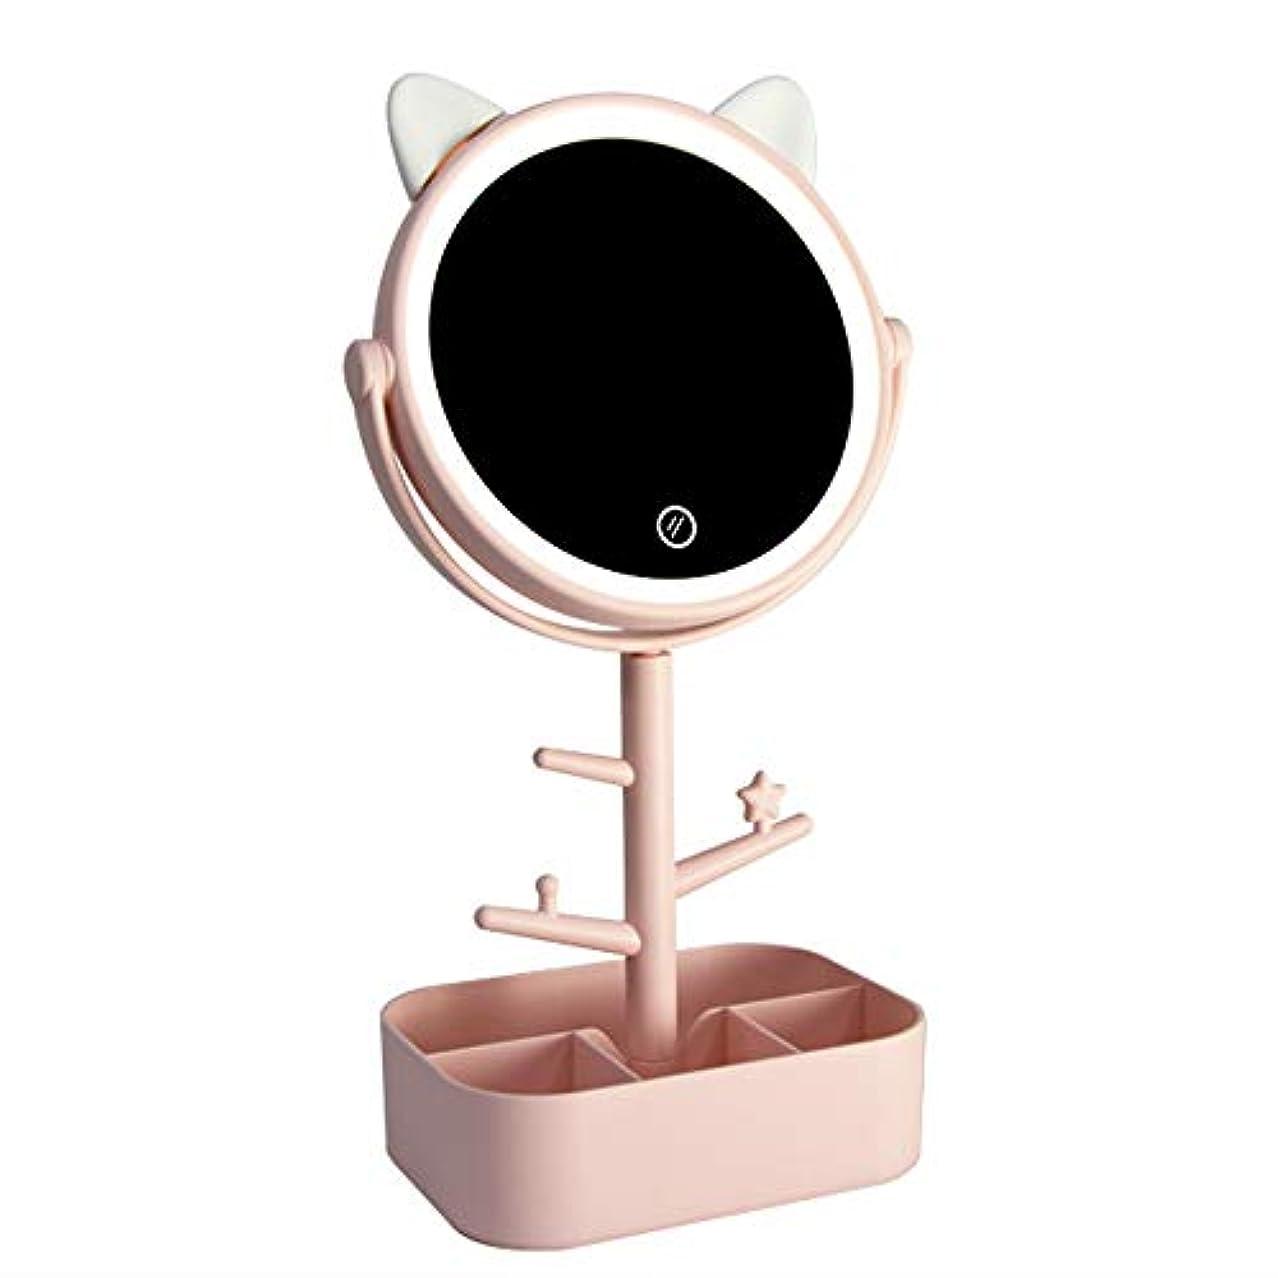 宣伝小人巻き戻すLecone LED化粧鏡 女優ミラー 卓上ミラー 180度調整可能 スタンドミラー LEDライト メイク 化粧道具 円型 収納ケース 可収納 USB給電 (猫ーピンク)